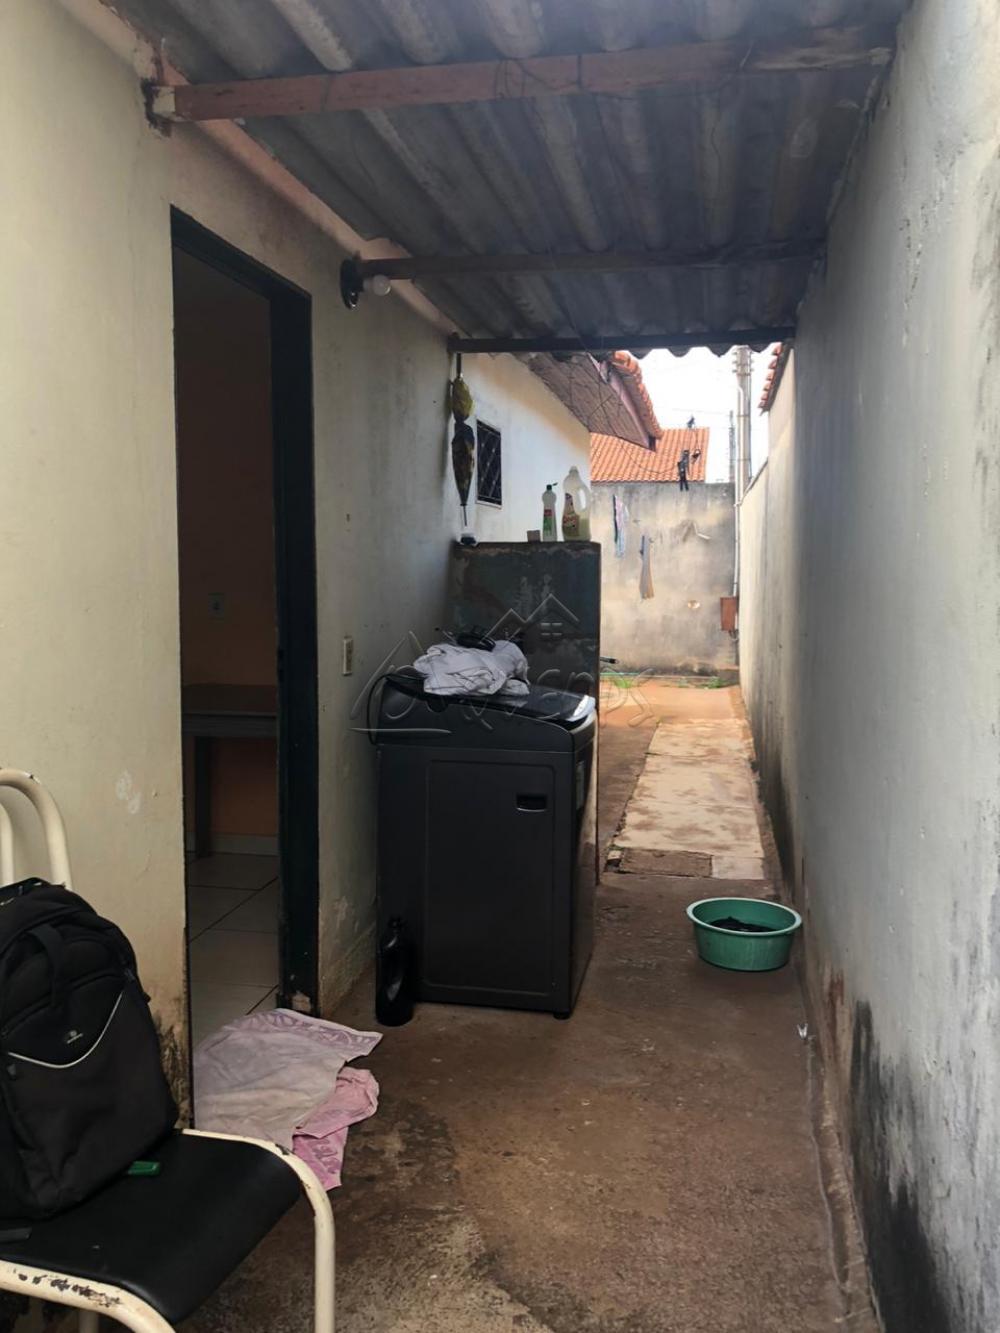 Comprar Casa / Padrão em Barretos apenas R$ 140.000,00 - Foto 12